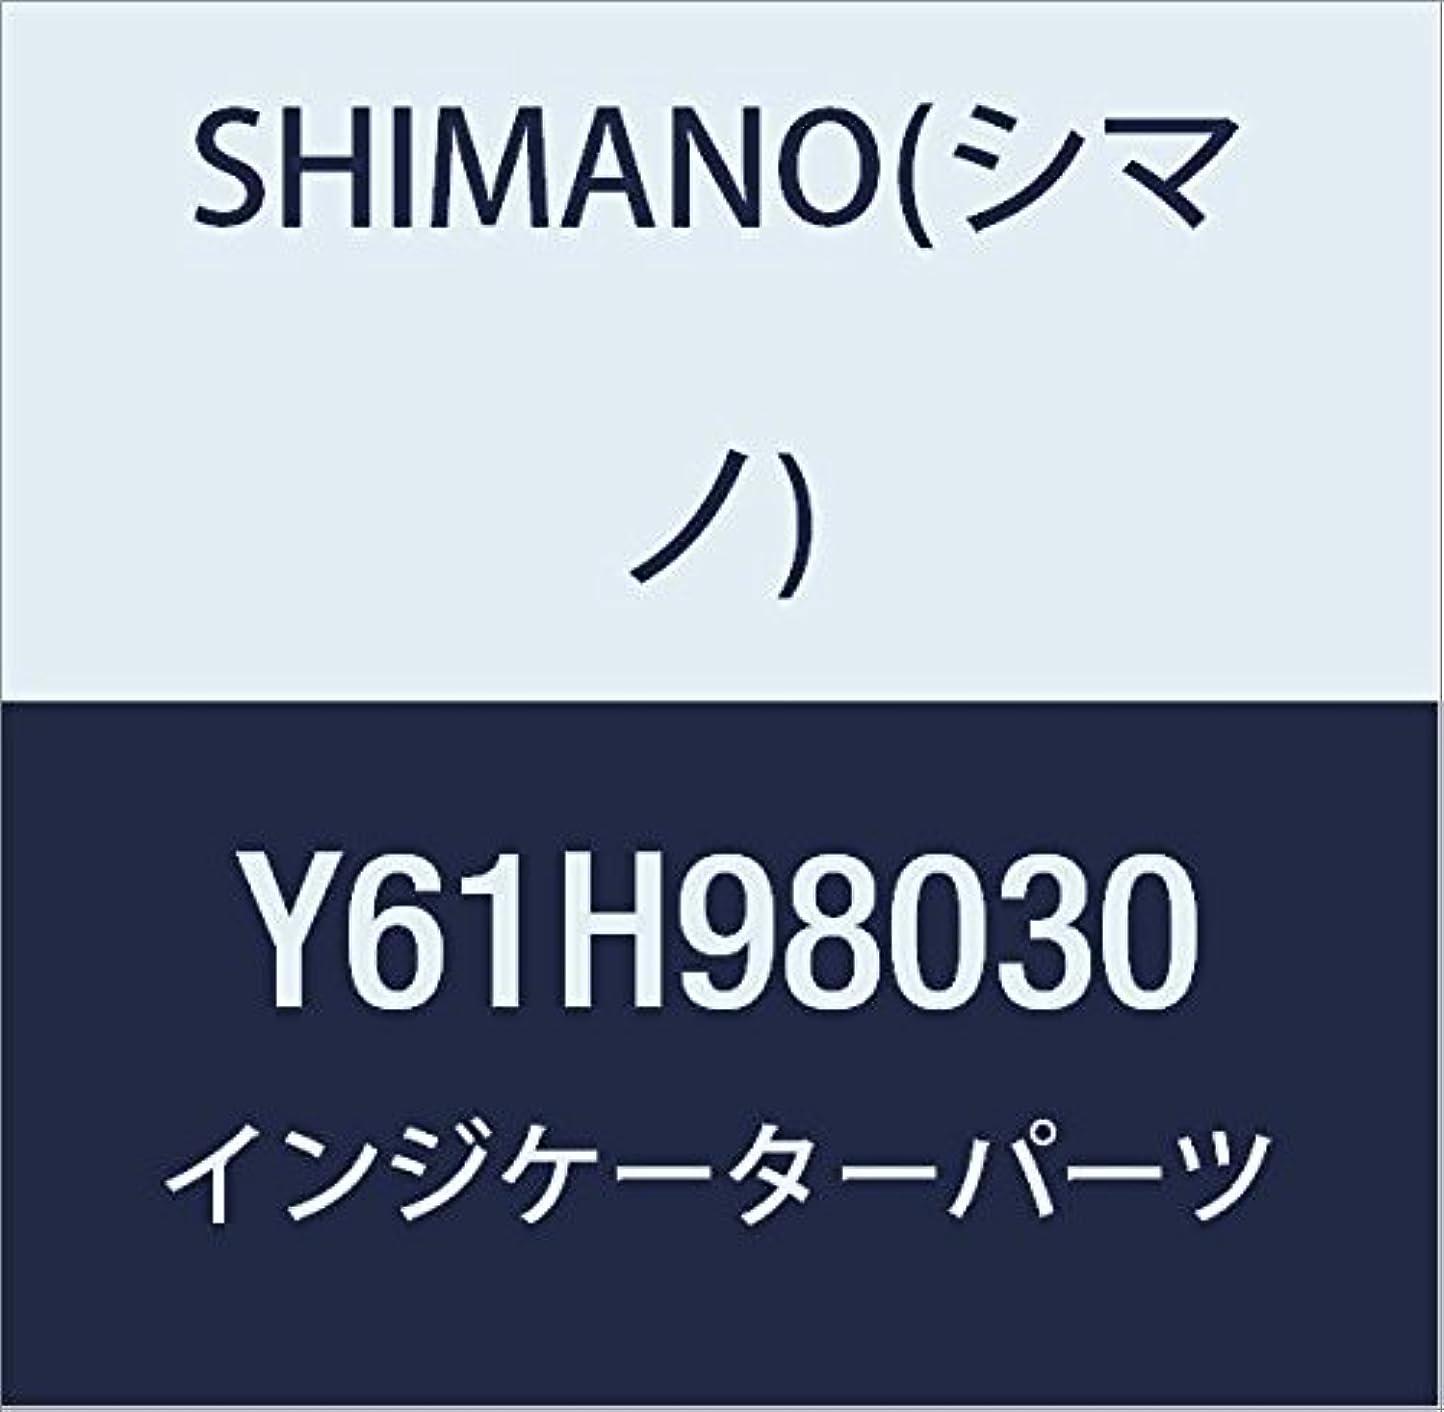 いらいらする肝唯一SHIMANO(シマノ) インジケーターカバーユニット SB-4S30 ブラック Y61H98030